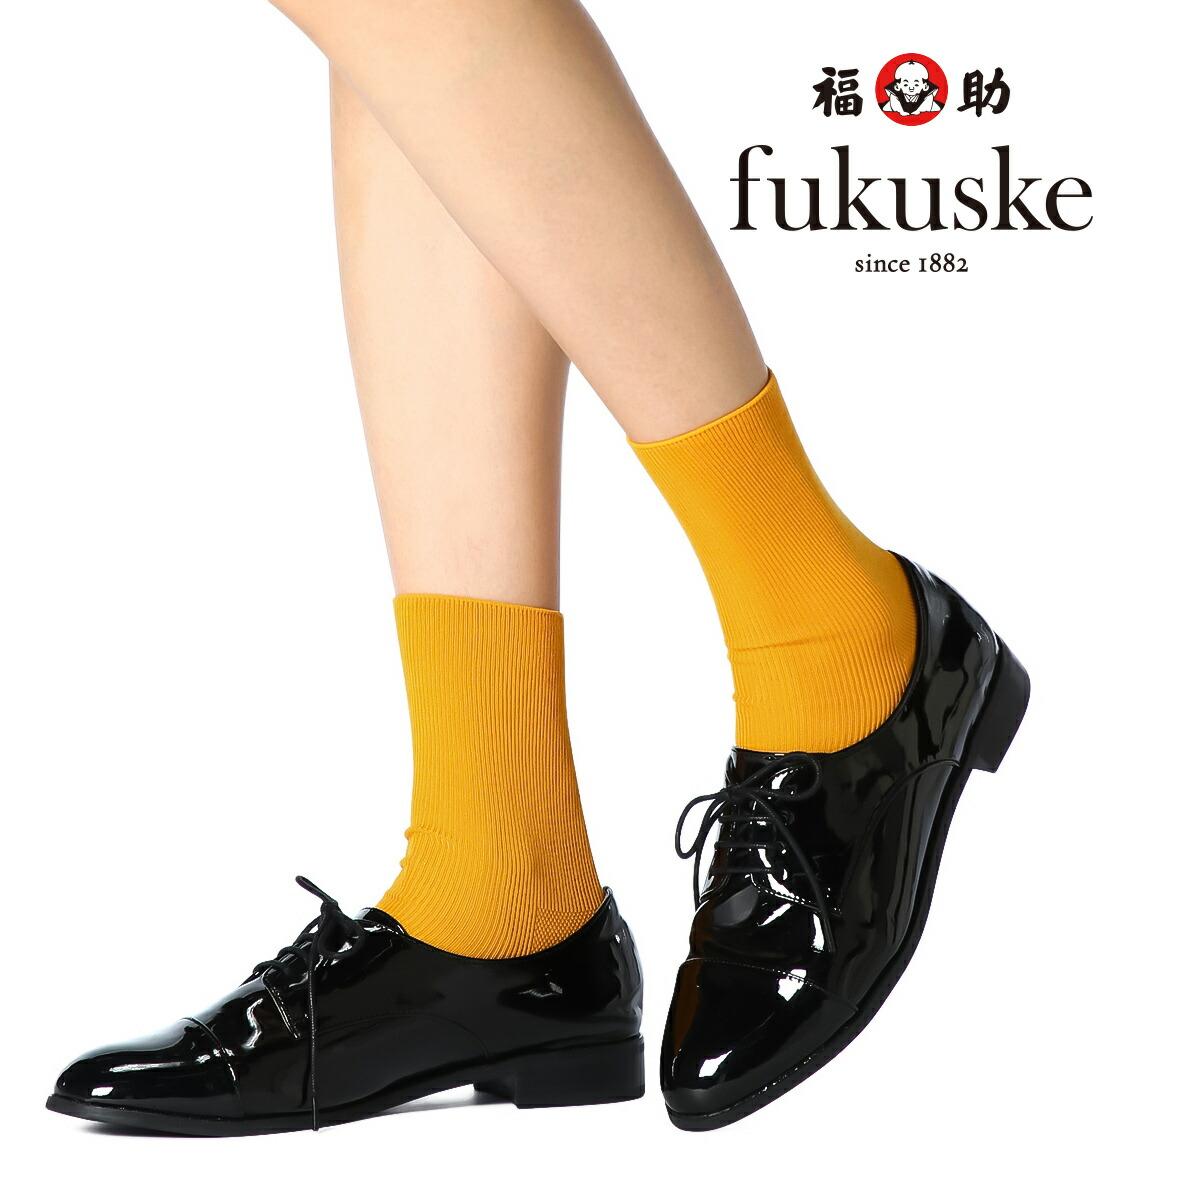 レディース fukuske ゆったりサポート クルー丈 ソックス